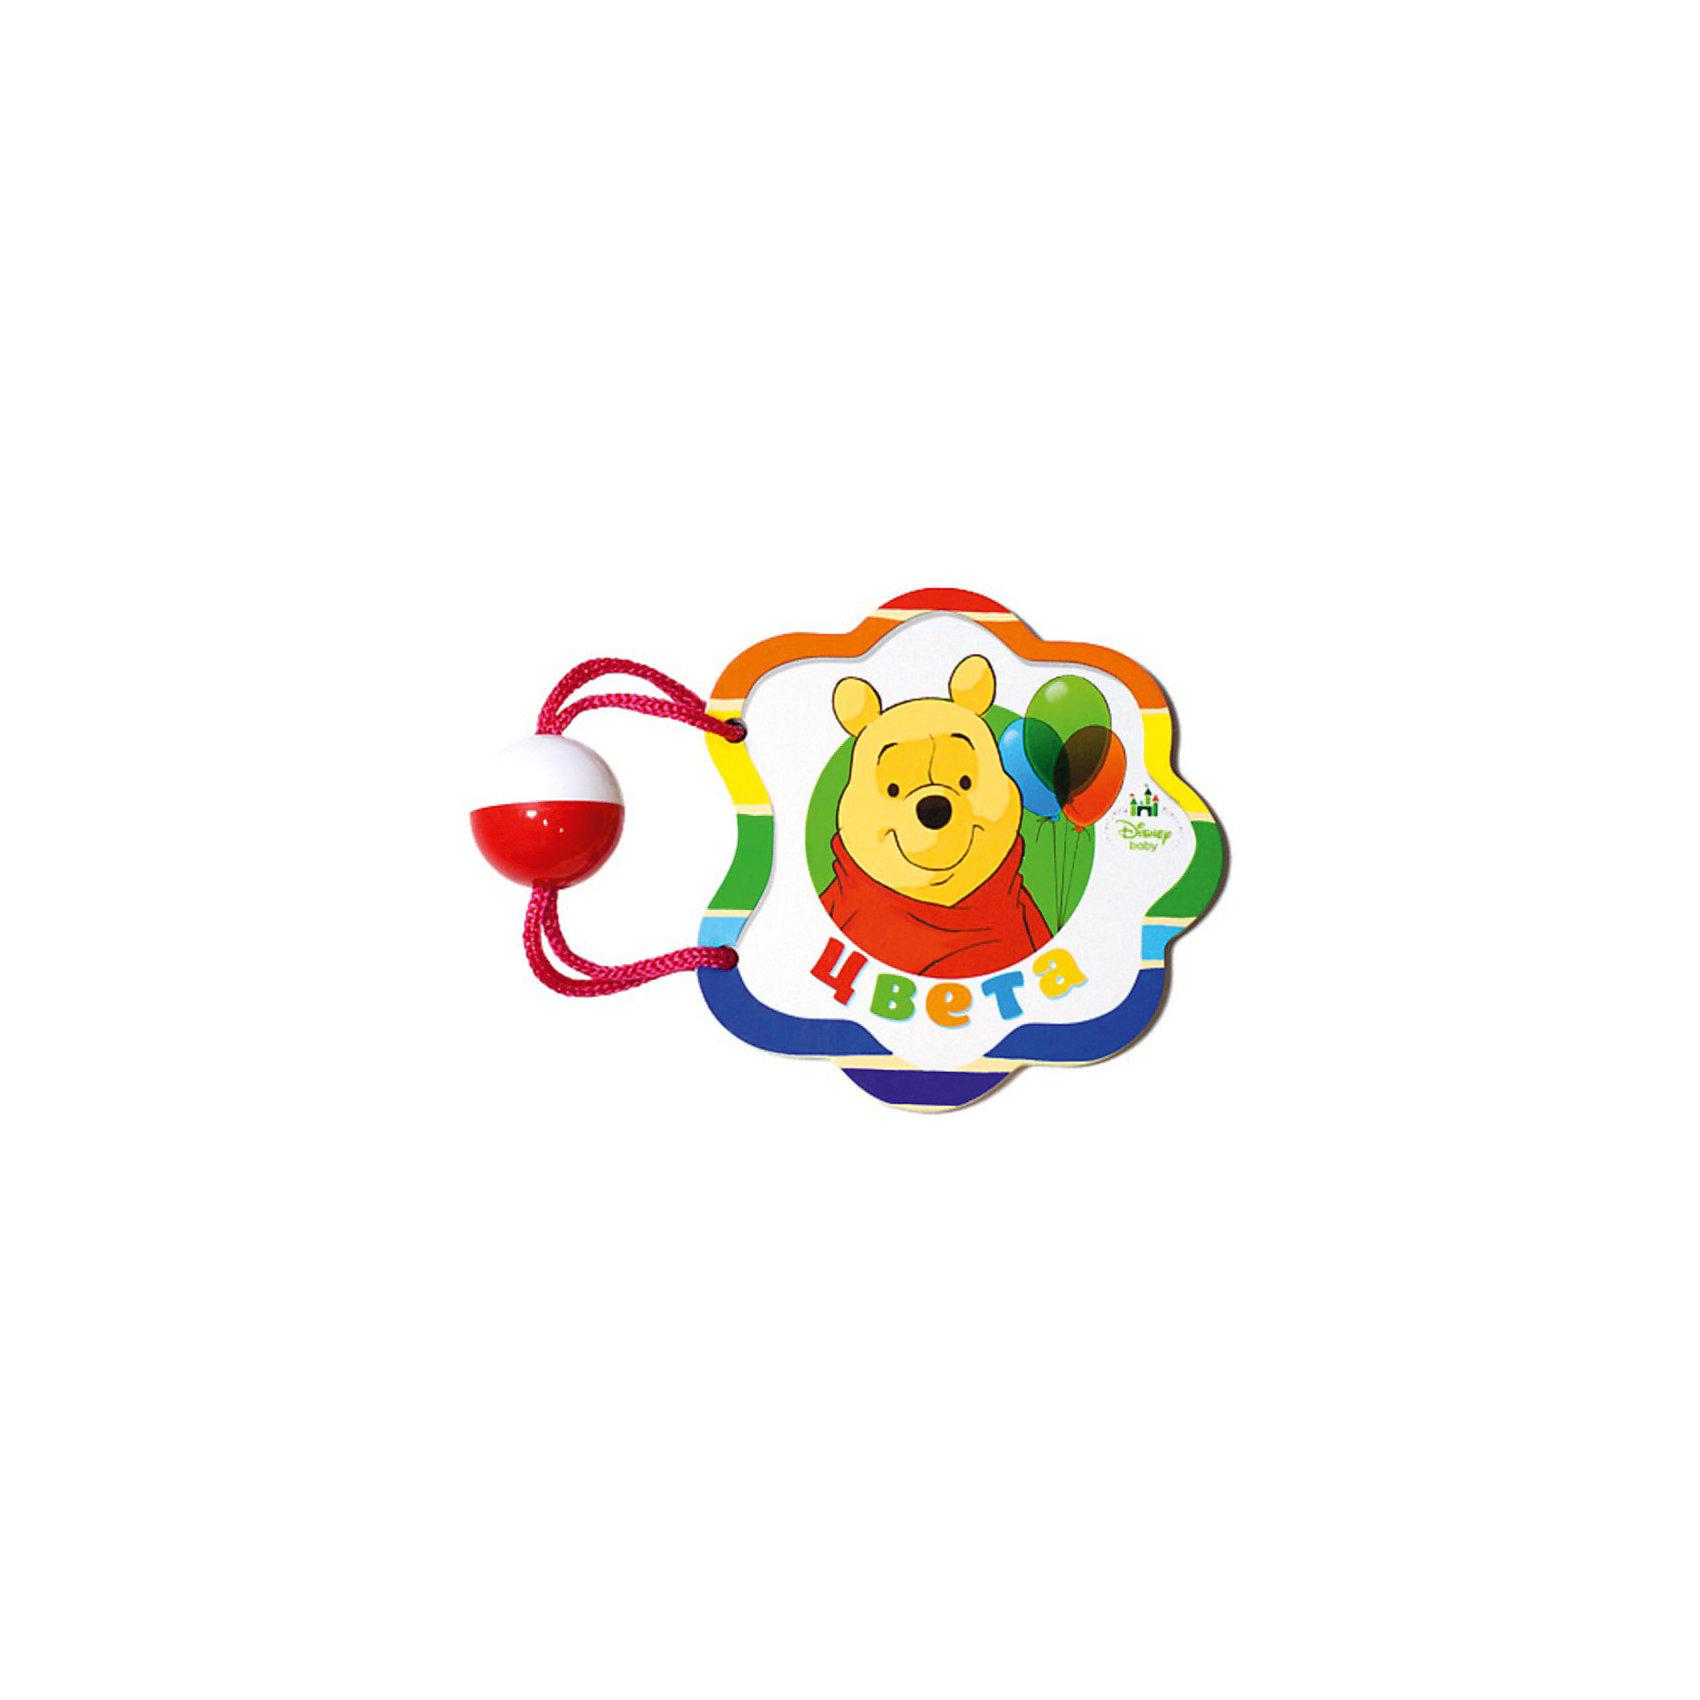 Книжка-погремушка Цвета, Винни ПухВ красивой яркой книжке с погремушкой самых маленьких детишек ждет встреча с любимыми героями диснеевского мультика Винни Пух. Это прекрасный подарок для каждого малыша! Книжка подскажет малышу как отличать цвета.<br><br>Дополнительная информация:<br><br>- Страниц: 8<br>- Материал: картон<br>- Формат: 120х120 мм<br>- Вырубка на шнурке с погремушкой.<br>- Вес: 80 г<br><br>Книжку-погремушка Давай дружить!, Король Лев можно купить в нашем магазине.<br><br>Ширина мм: 140<br>Глубина мм: 35<br>Высота мм: 120<br>Вес г: 80<br>Возраст от месяцев: 0<br>Возраст до месяцев: 12<br>Пол: Унисекс<br>Возраст: Детский<br>SKU: 3910668